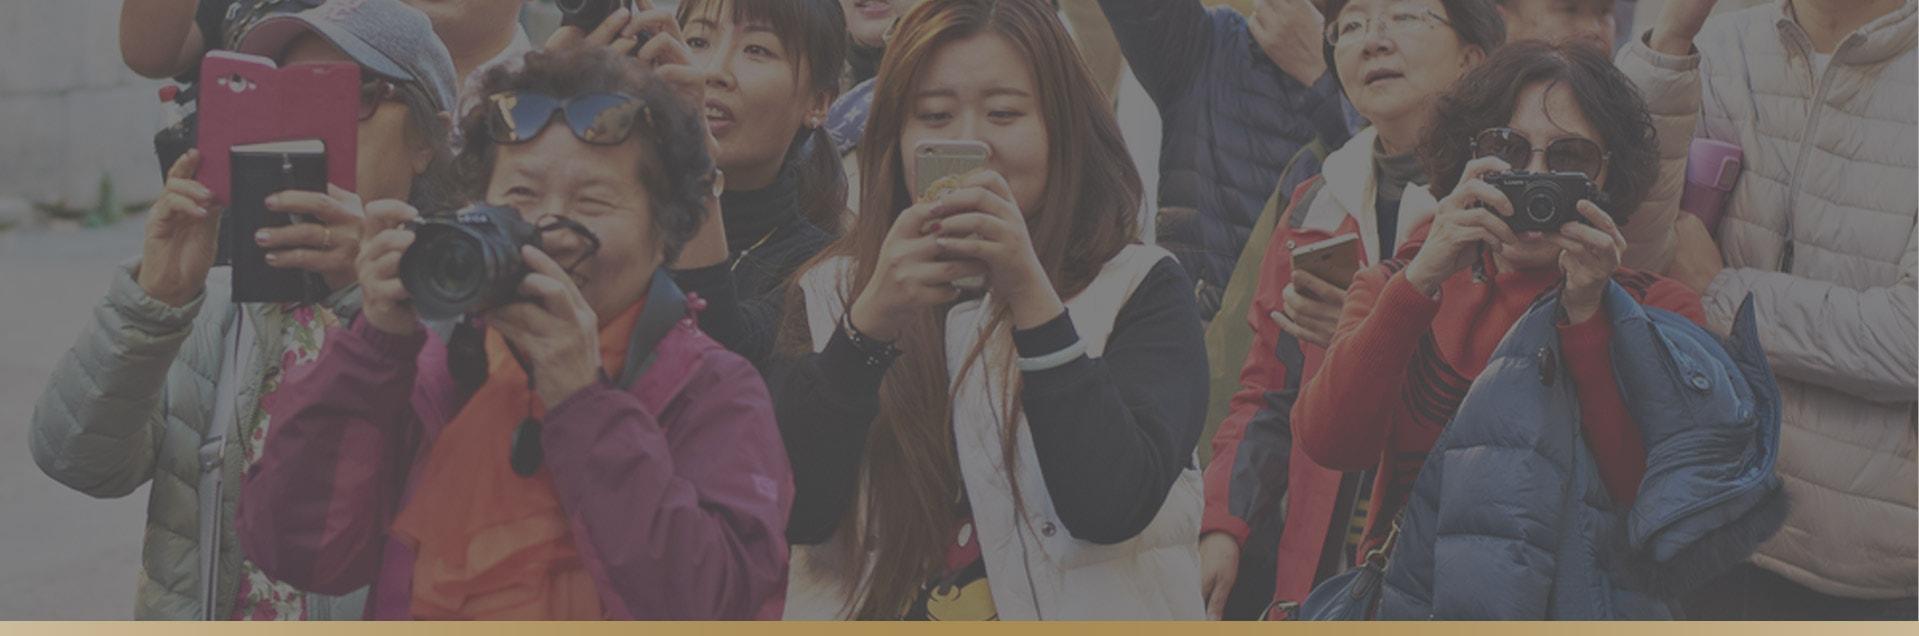 Chinese tourists in Europe Blog-bild-slider-header